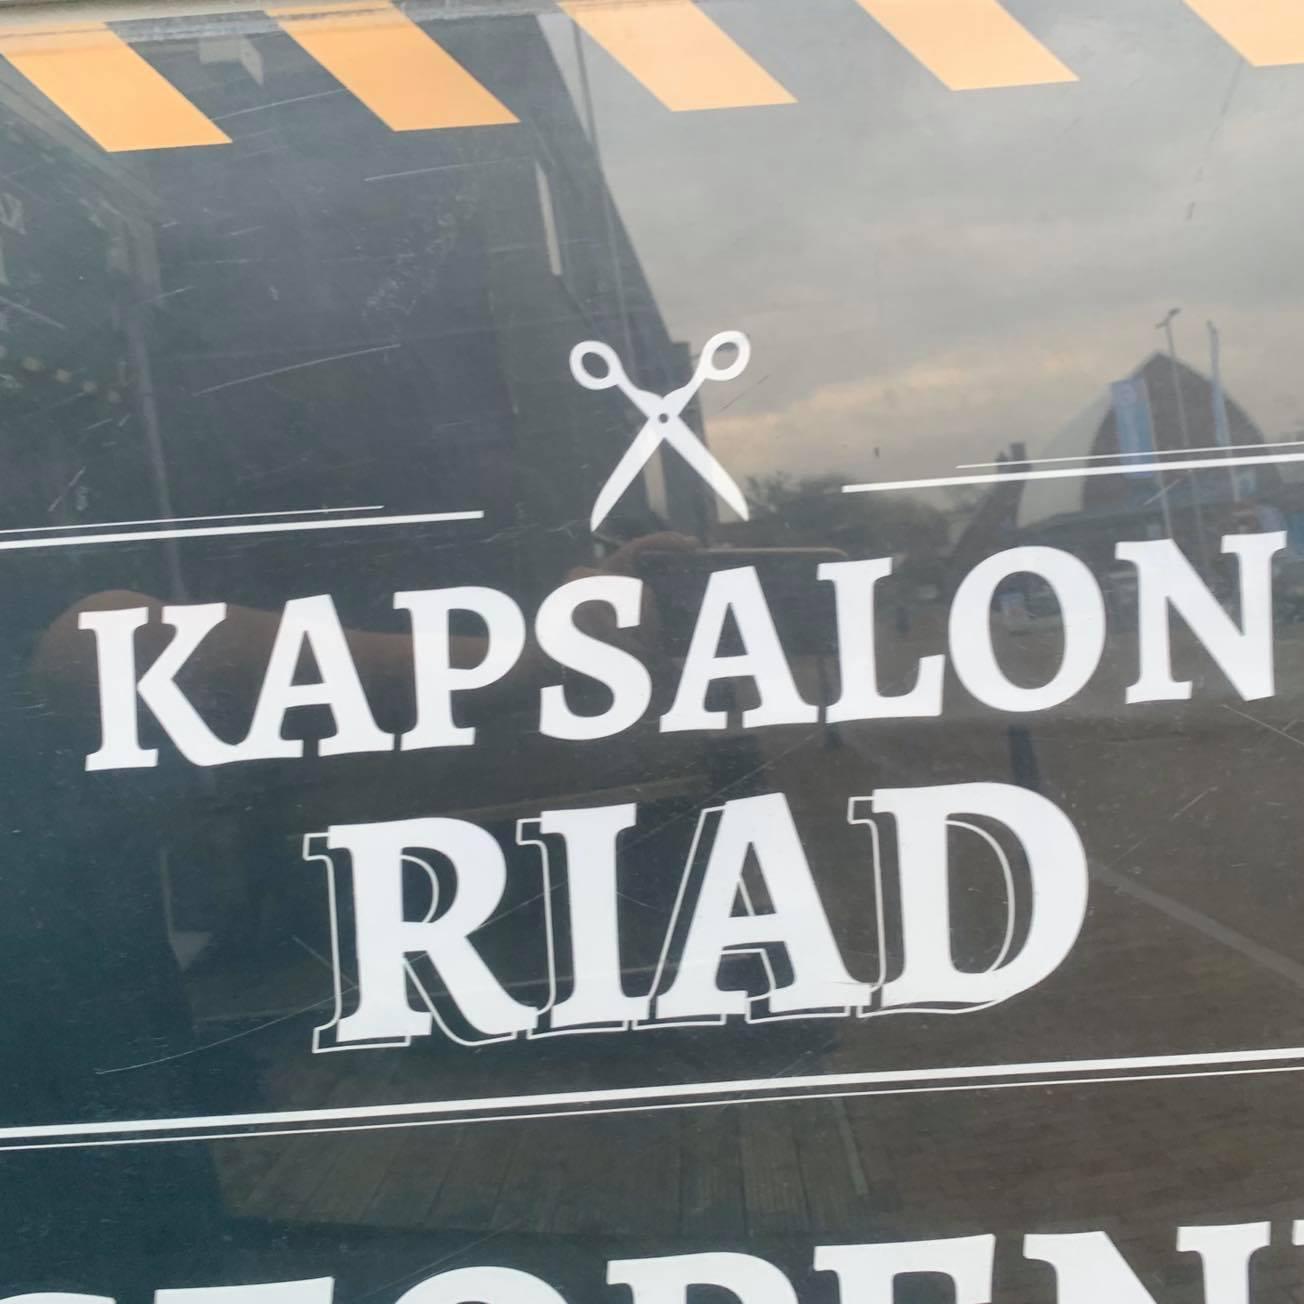 Kapsalon Riad logo